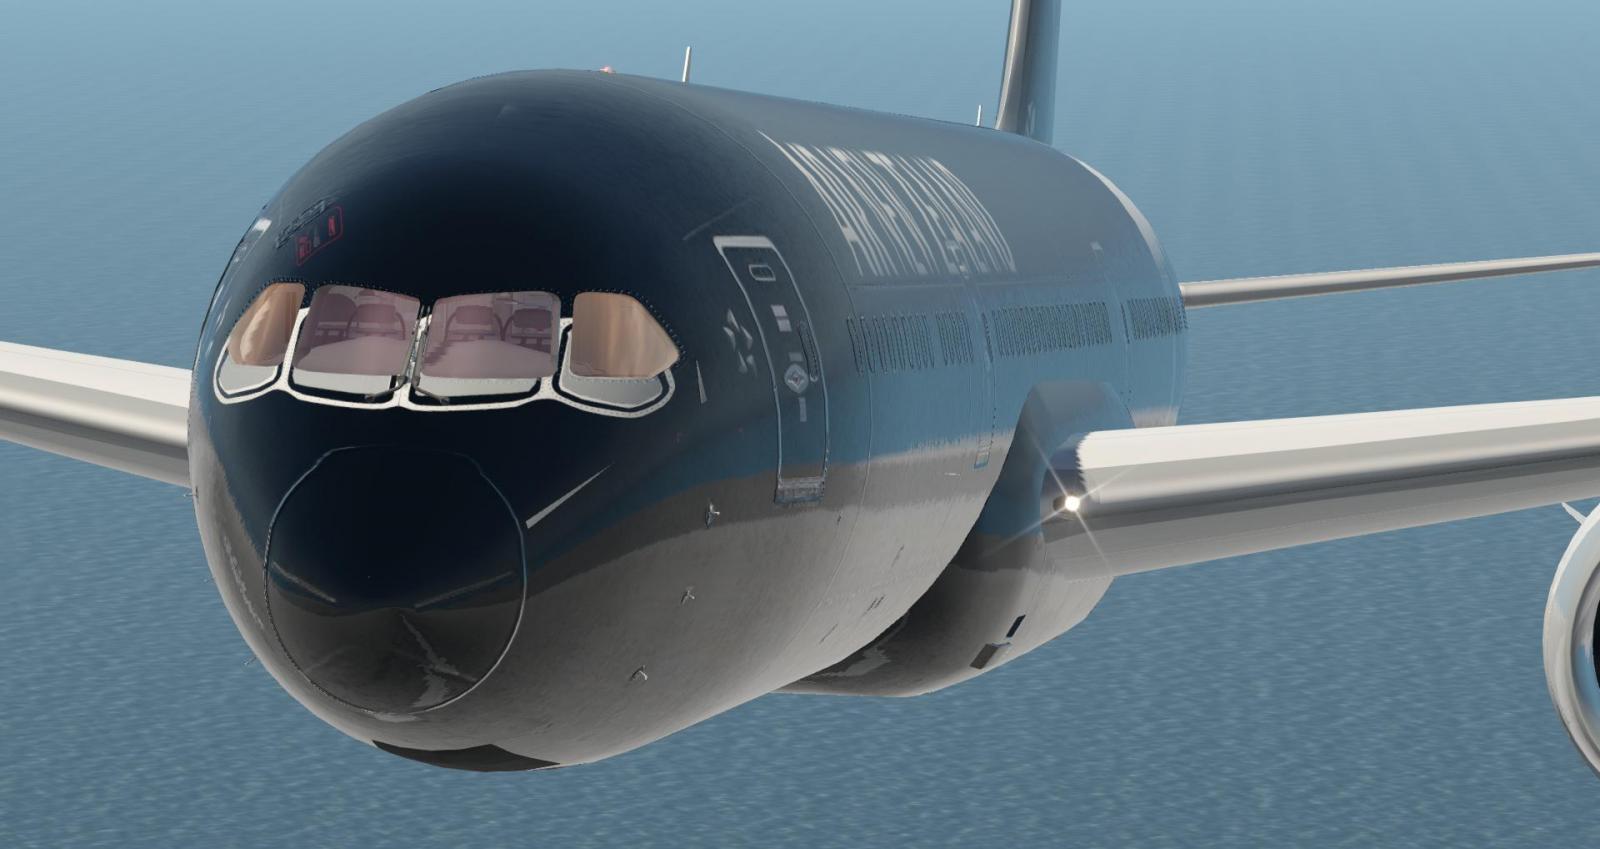 Pfpx 787